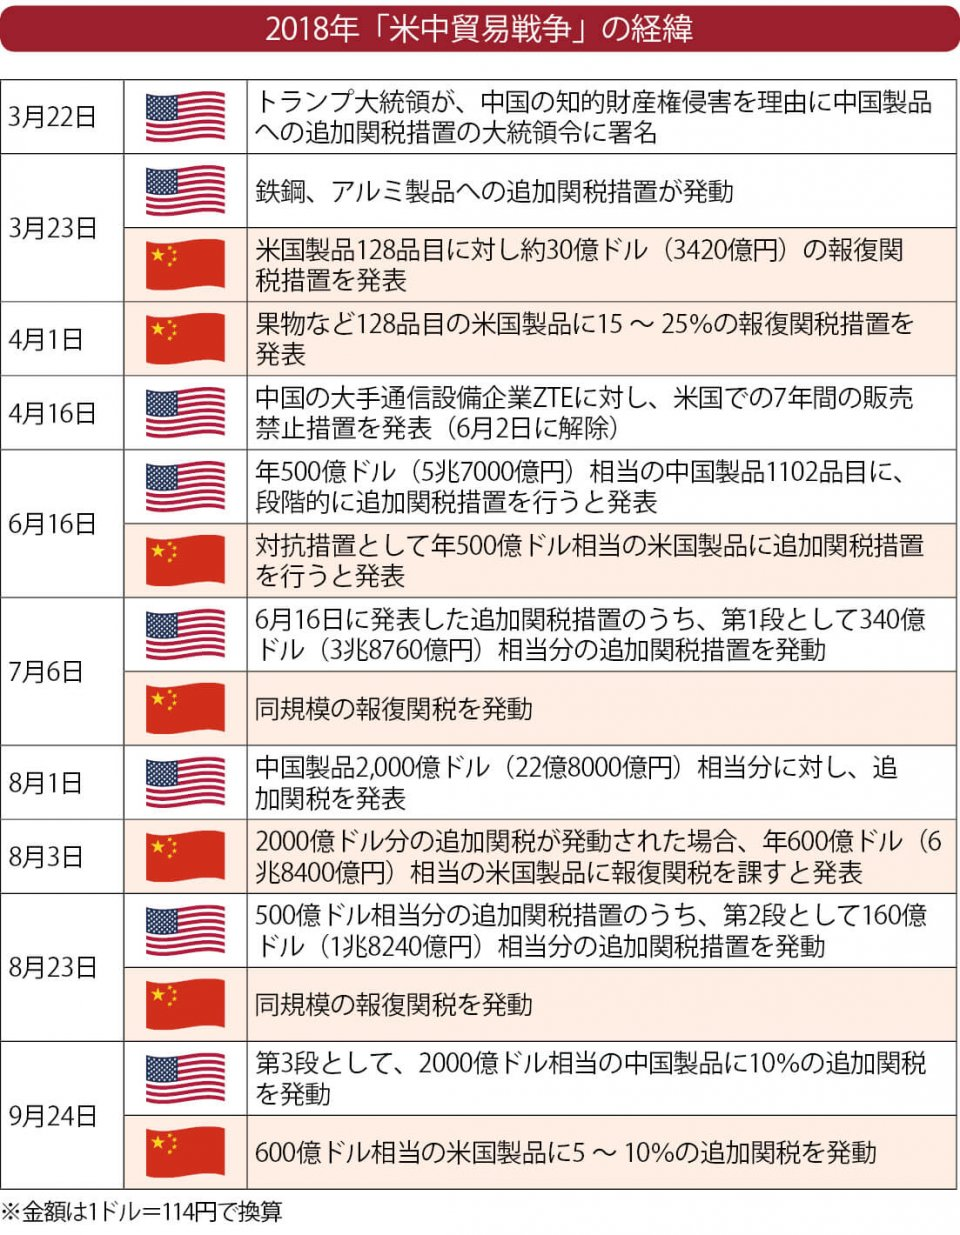 2018年「米中貿易戦争」の経緯